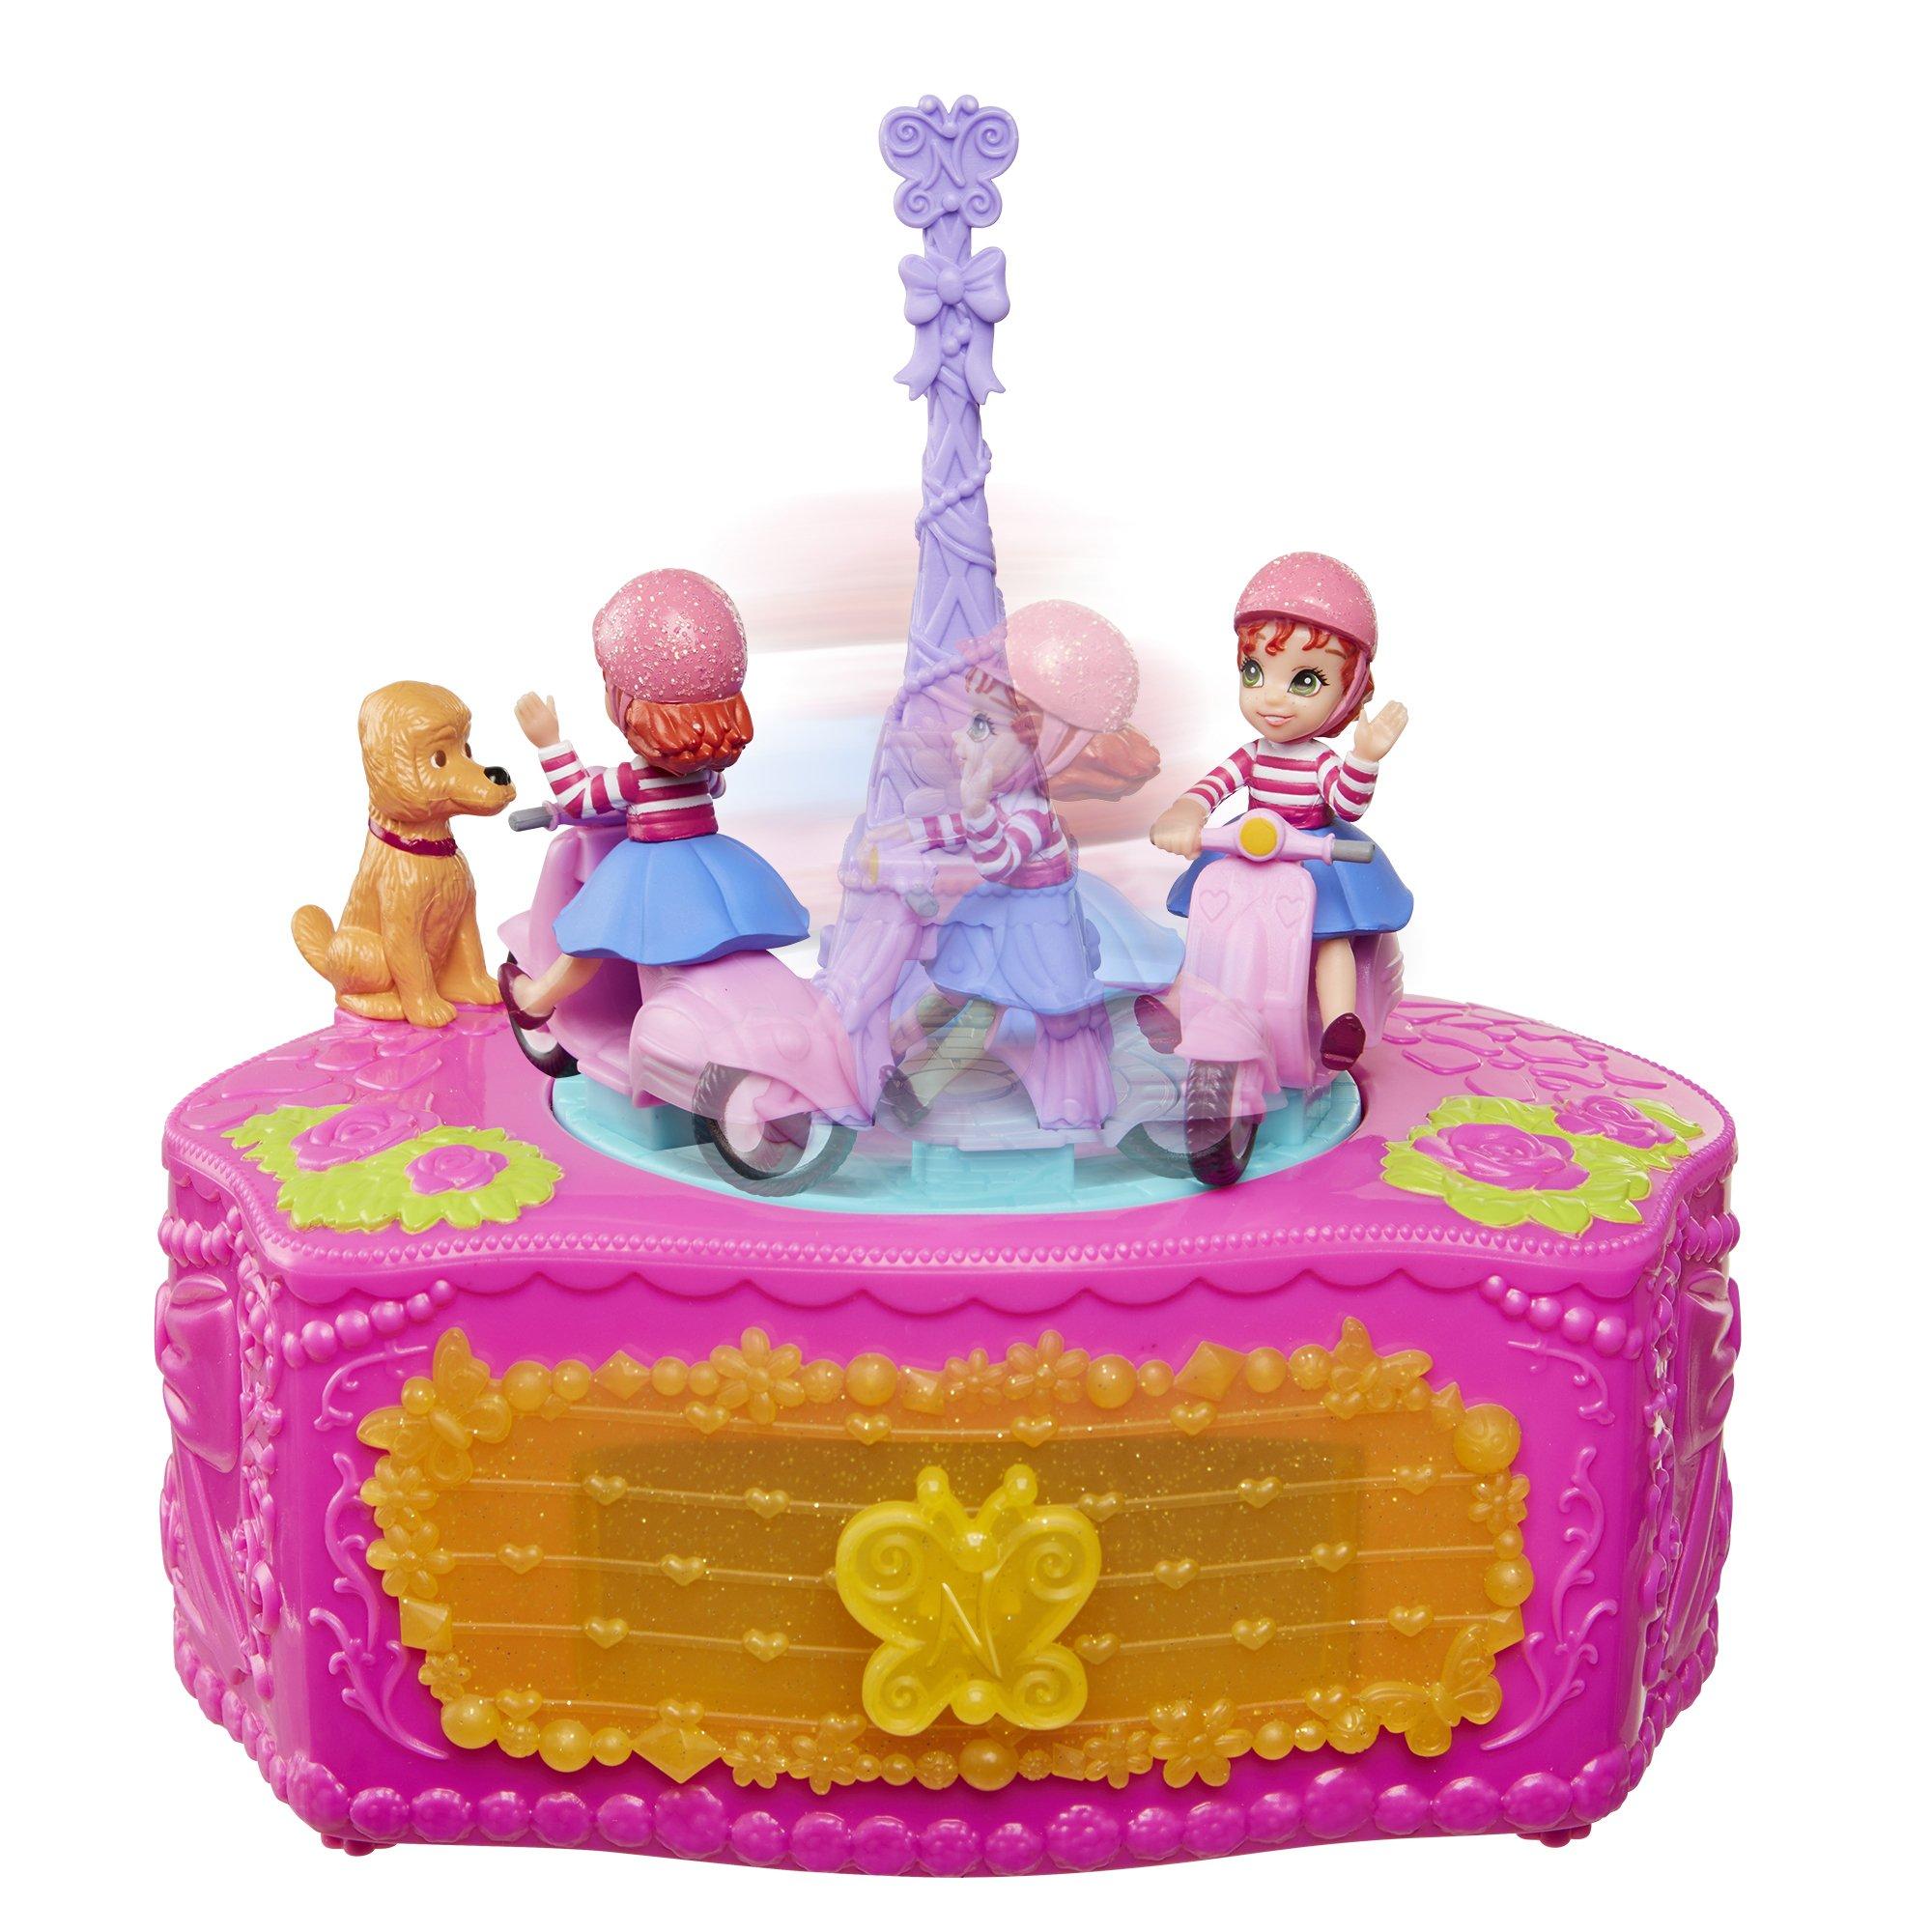 Fancy Nancy Ooh La La Music Box by Fancy Nancy